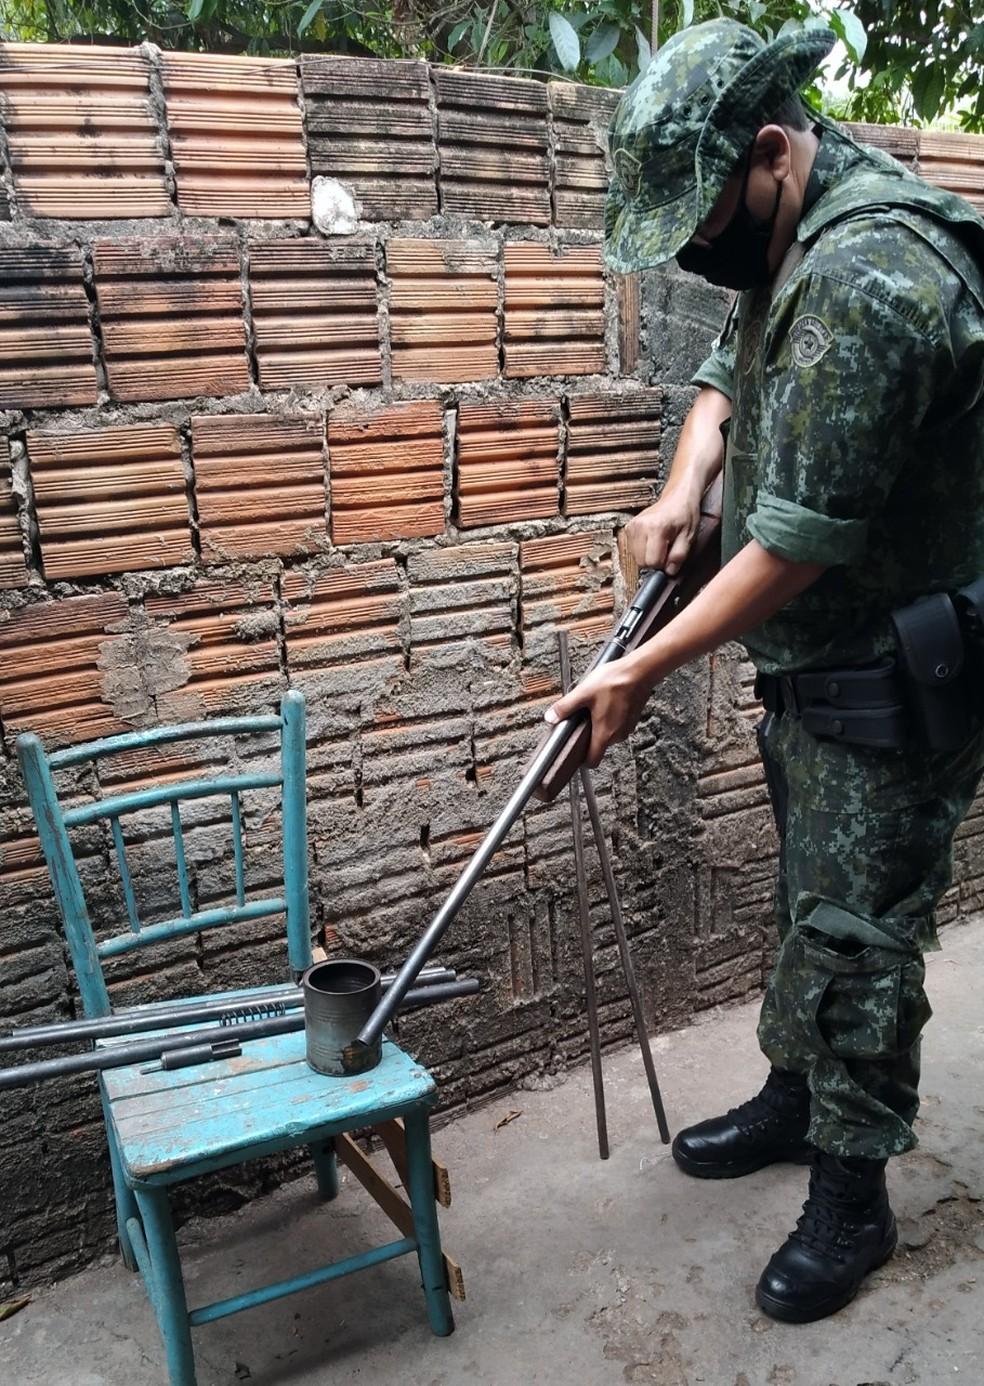 Espingarda foi achada pela Polícia Ambiental na casa de homem em Tupã (SP) — Foto: Polícia Ambiental/ Divulgação